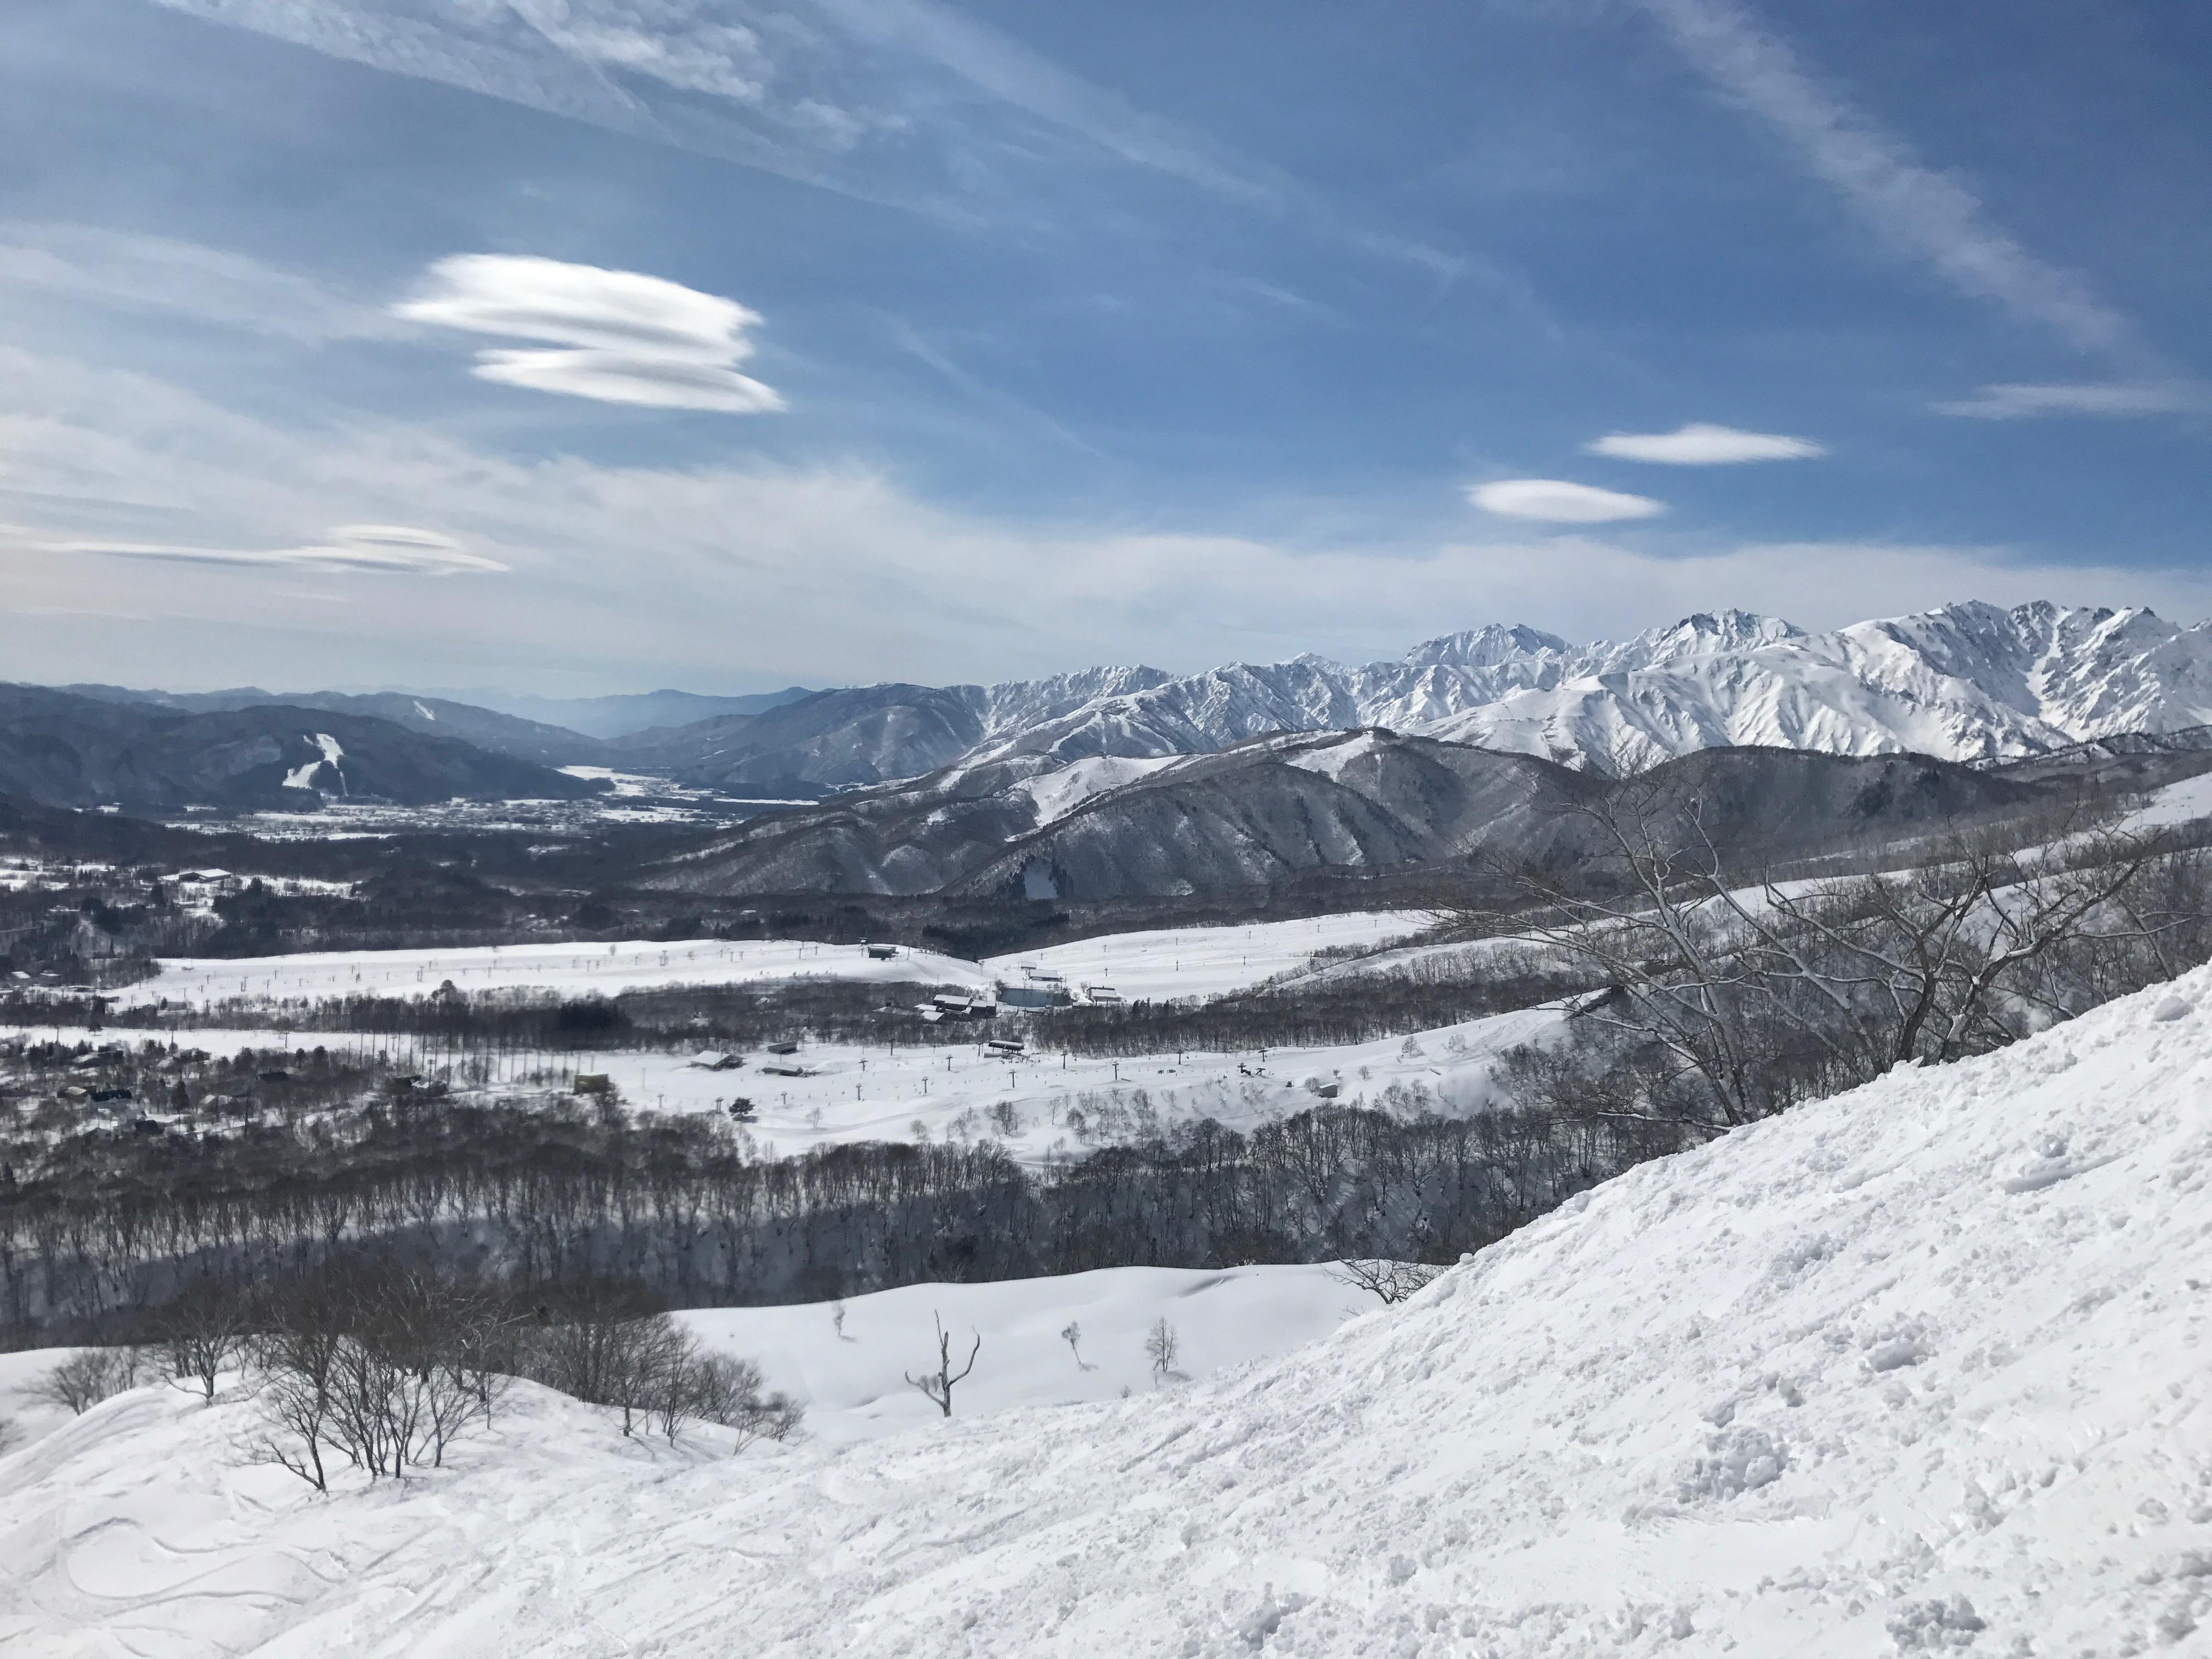 券 リフト スキー 栂 池 高原 場